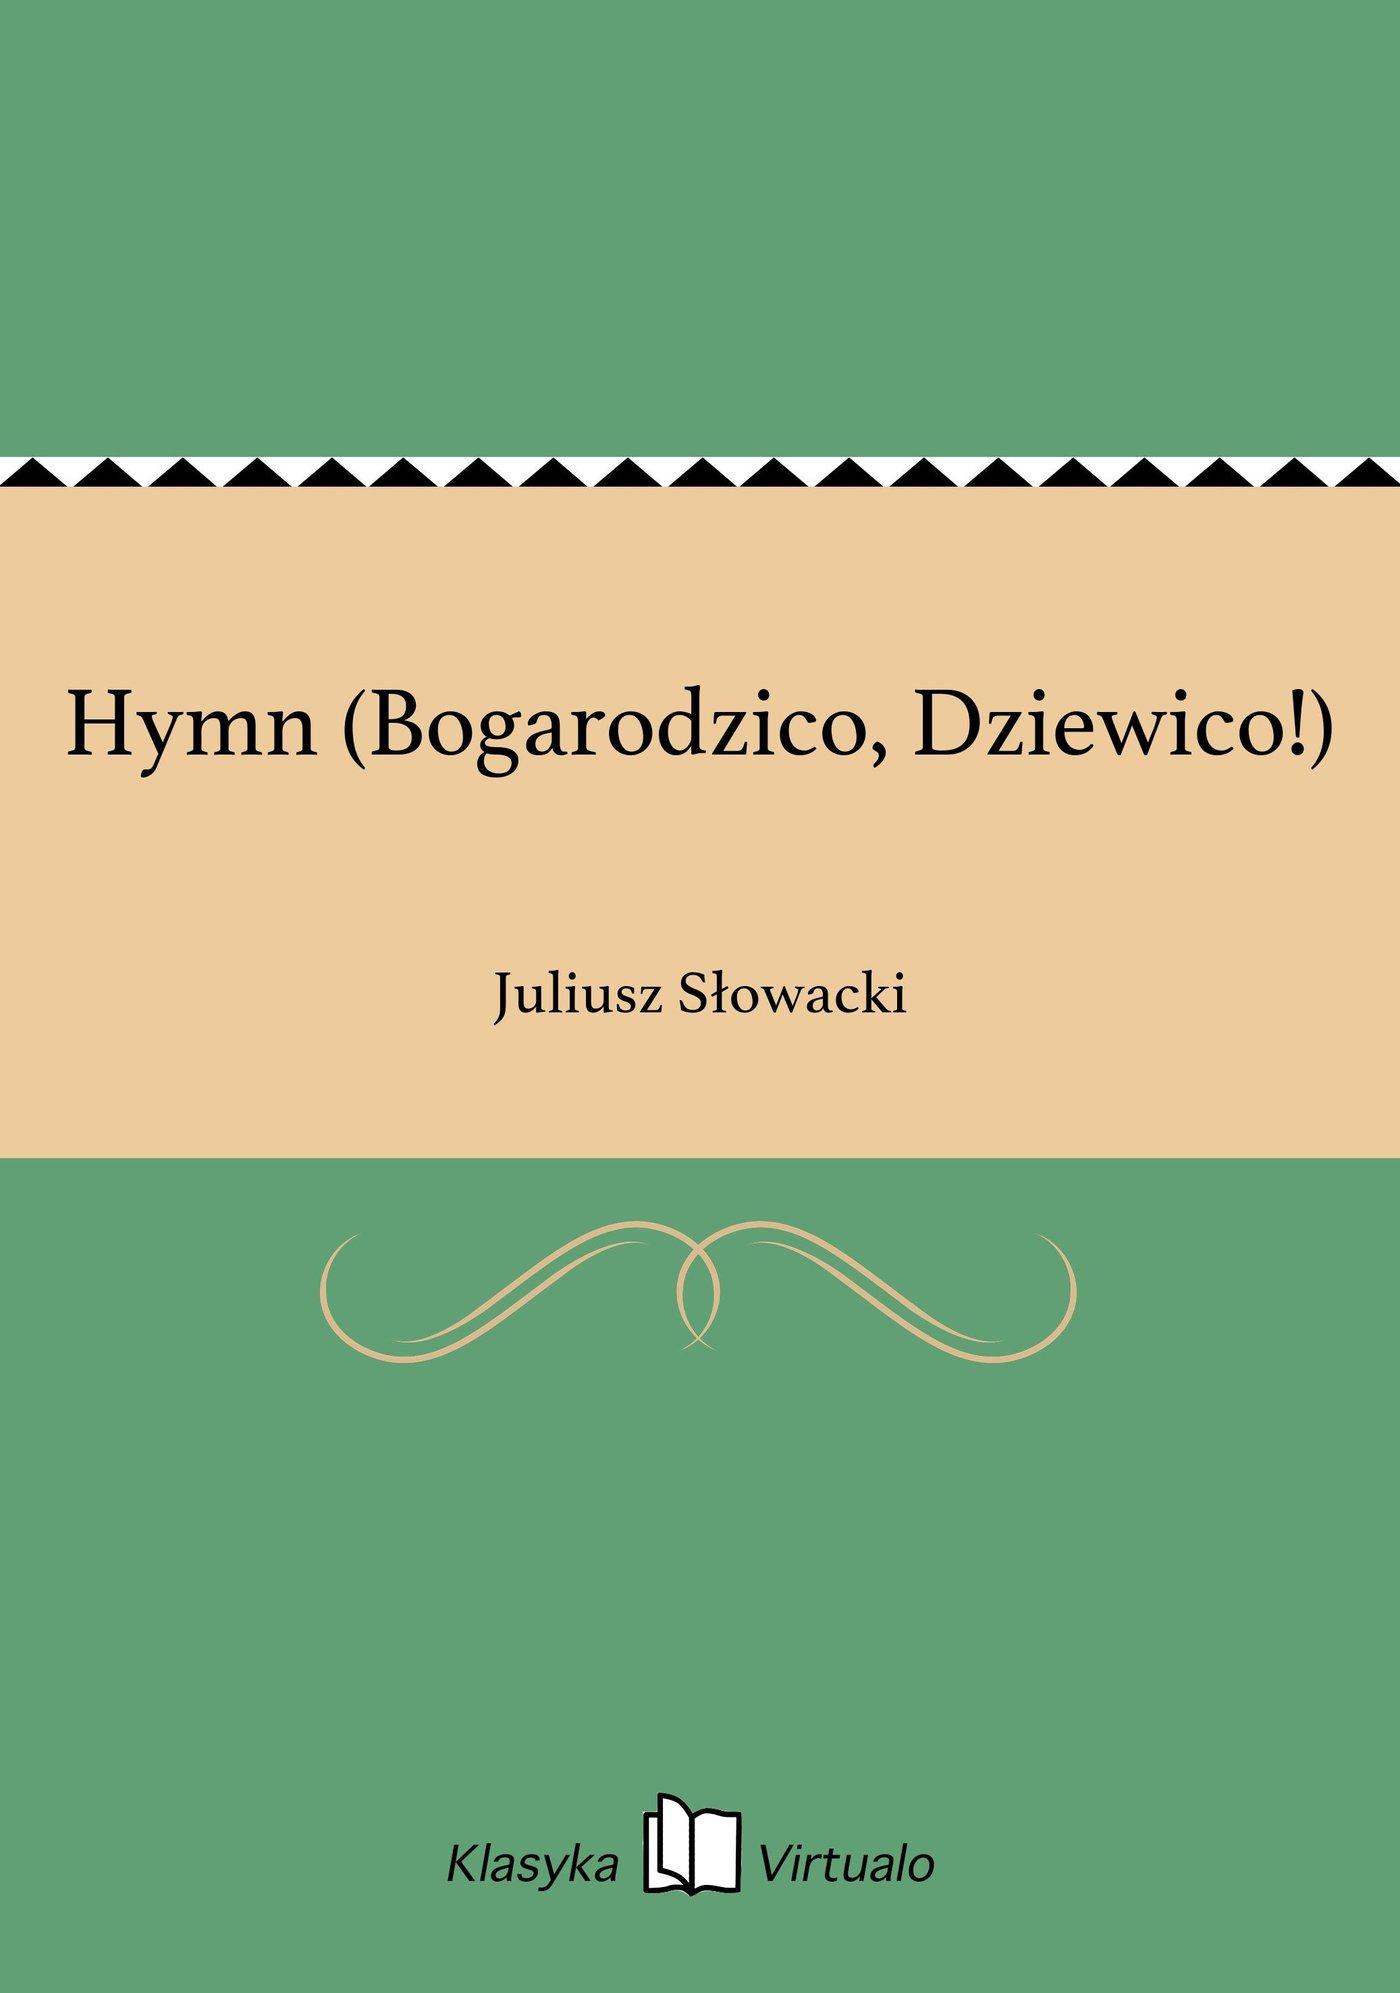 Hymn (Bogarodzico, Dziewico!) - Ebook (Książka EPUB) do pobrania w formacie EPUB